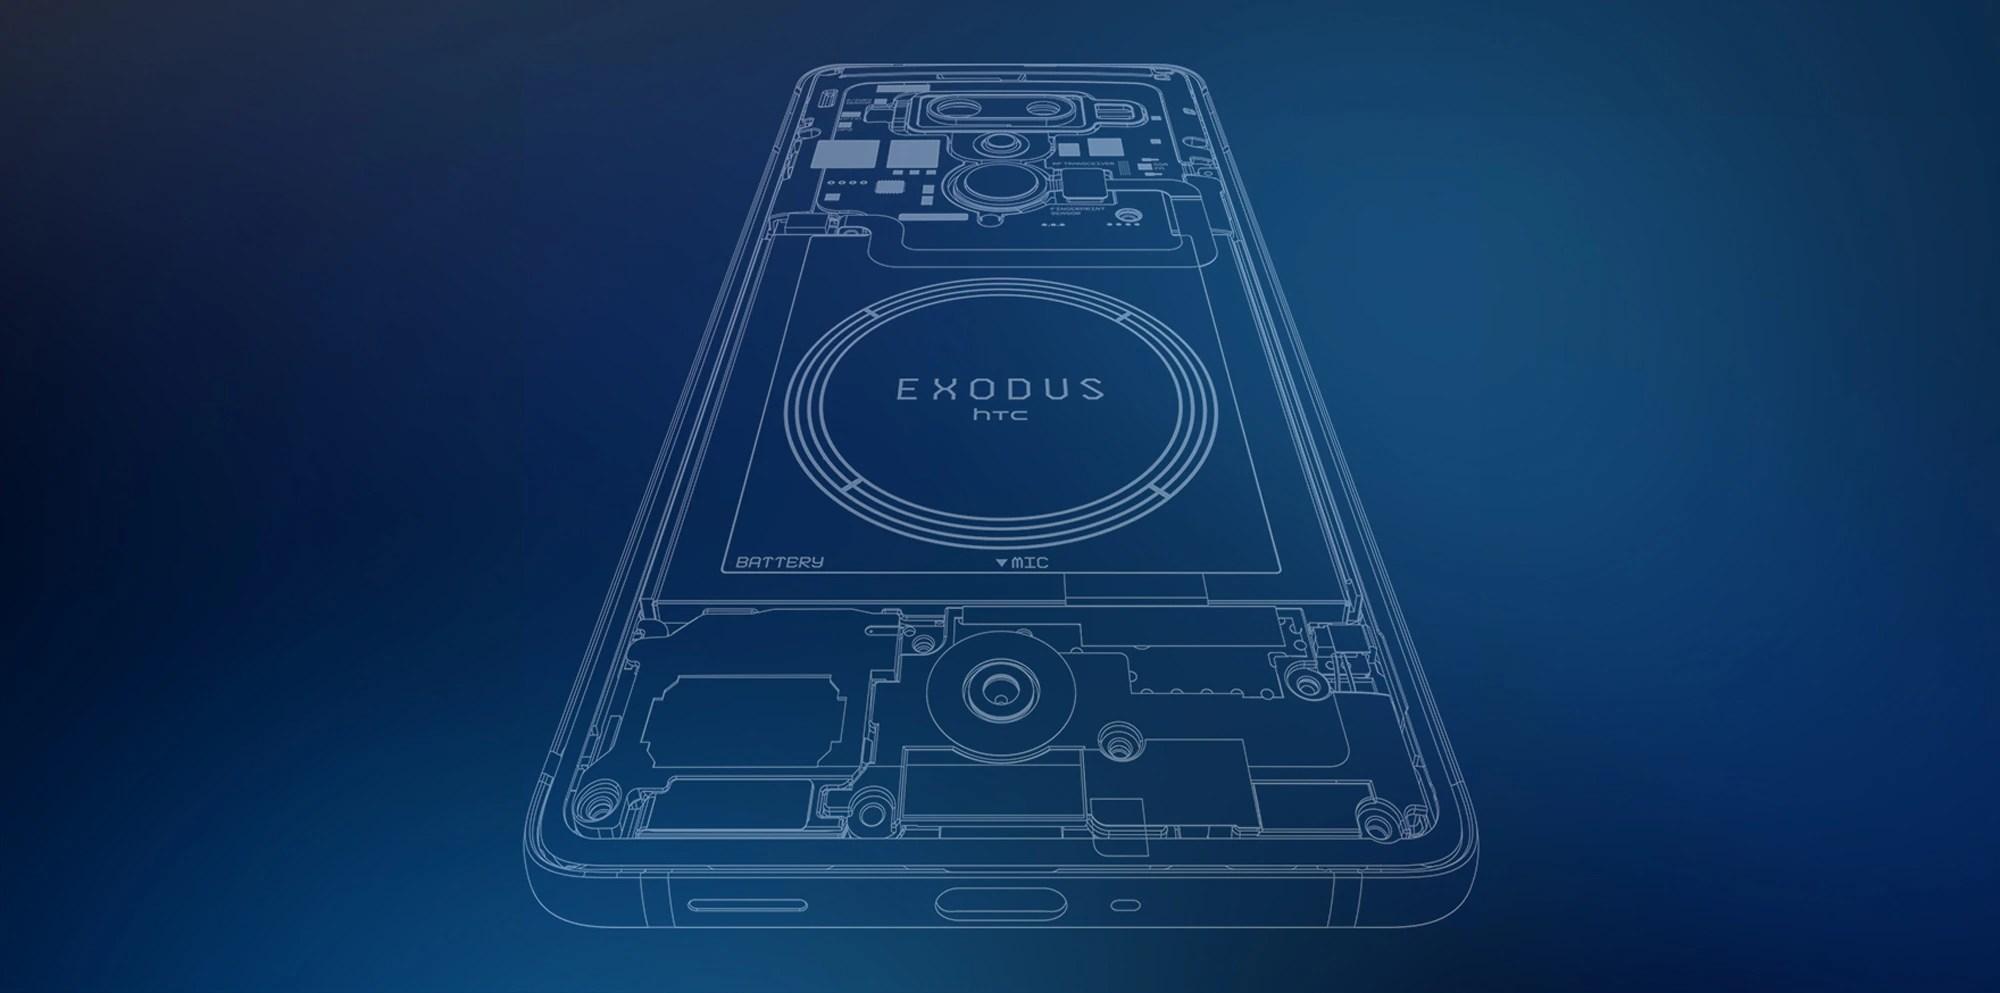 HTC EXODUS 1 為全球用戶帶來更完整的隱私與安全防護